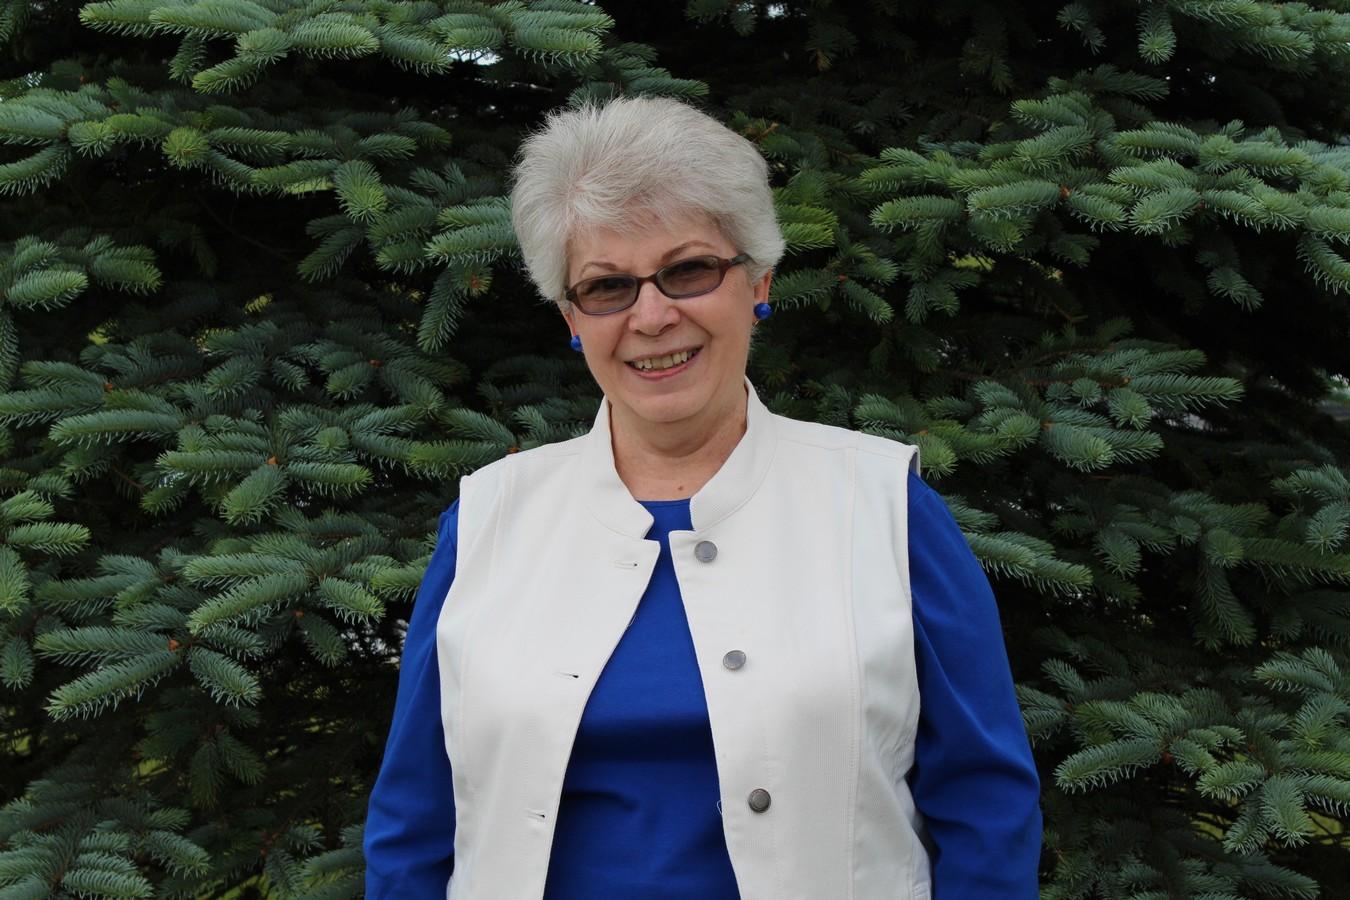 Darlene Sutherlund